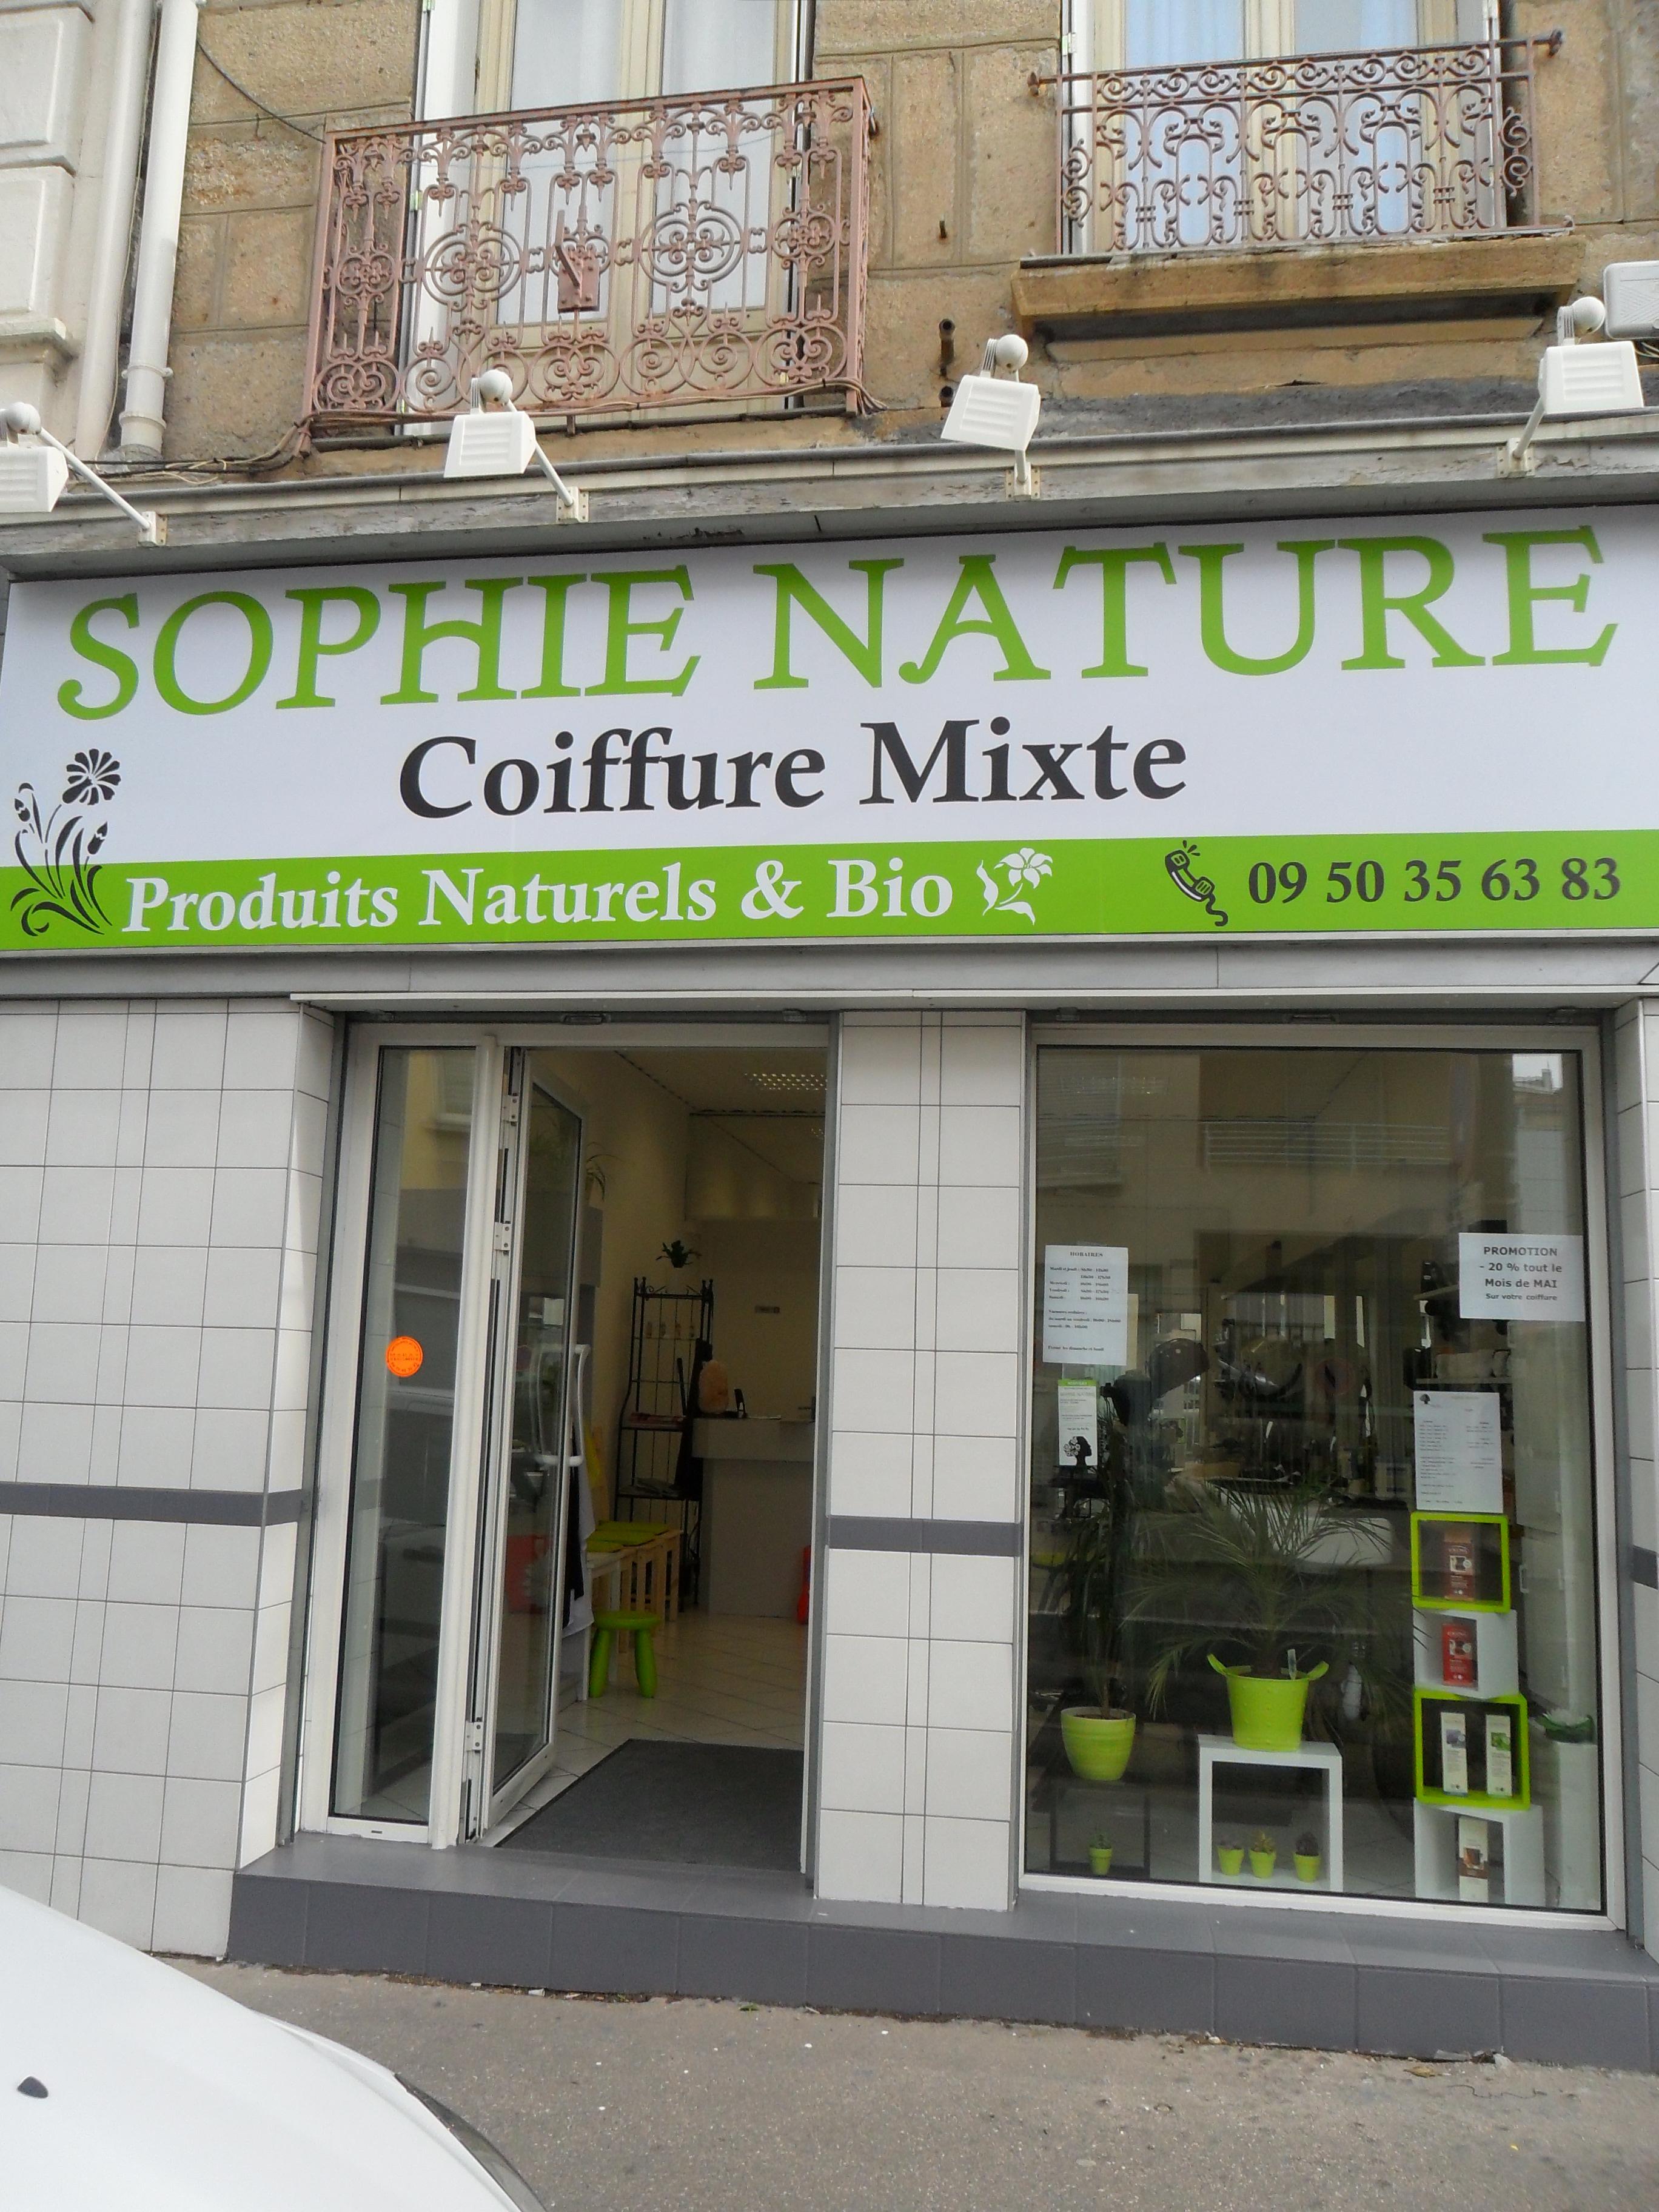 Sophie nature Saint-Etienne